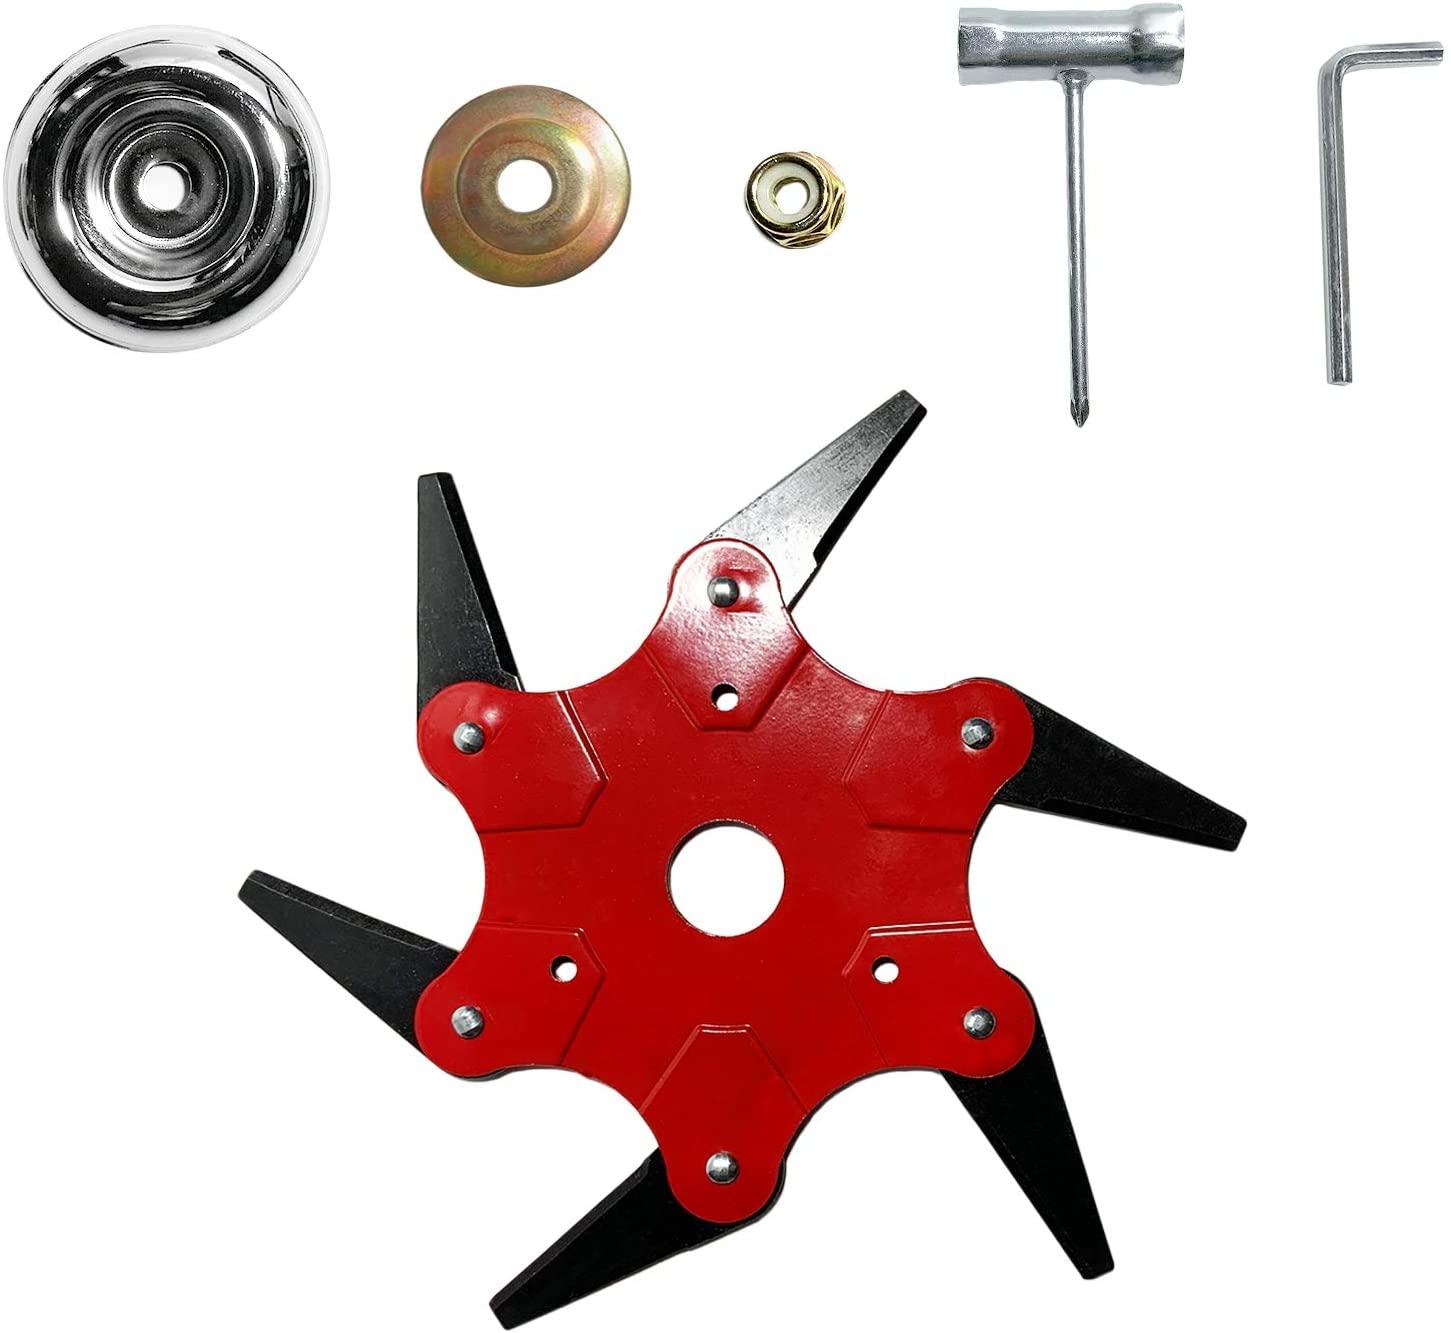 SQG 6 Teeth Trimmer Head Enhanced Version Trimmer Head(Trimmer Head+ Adapter)